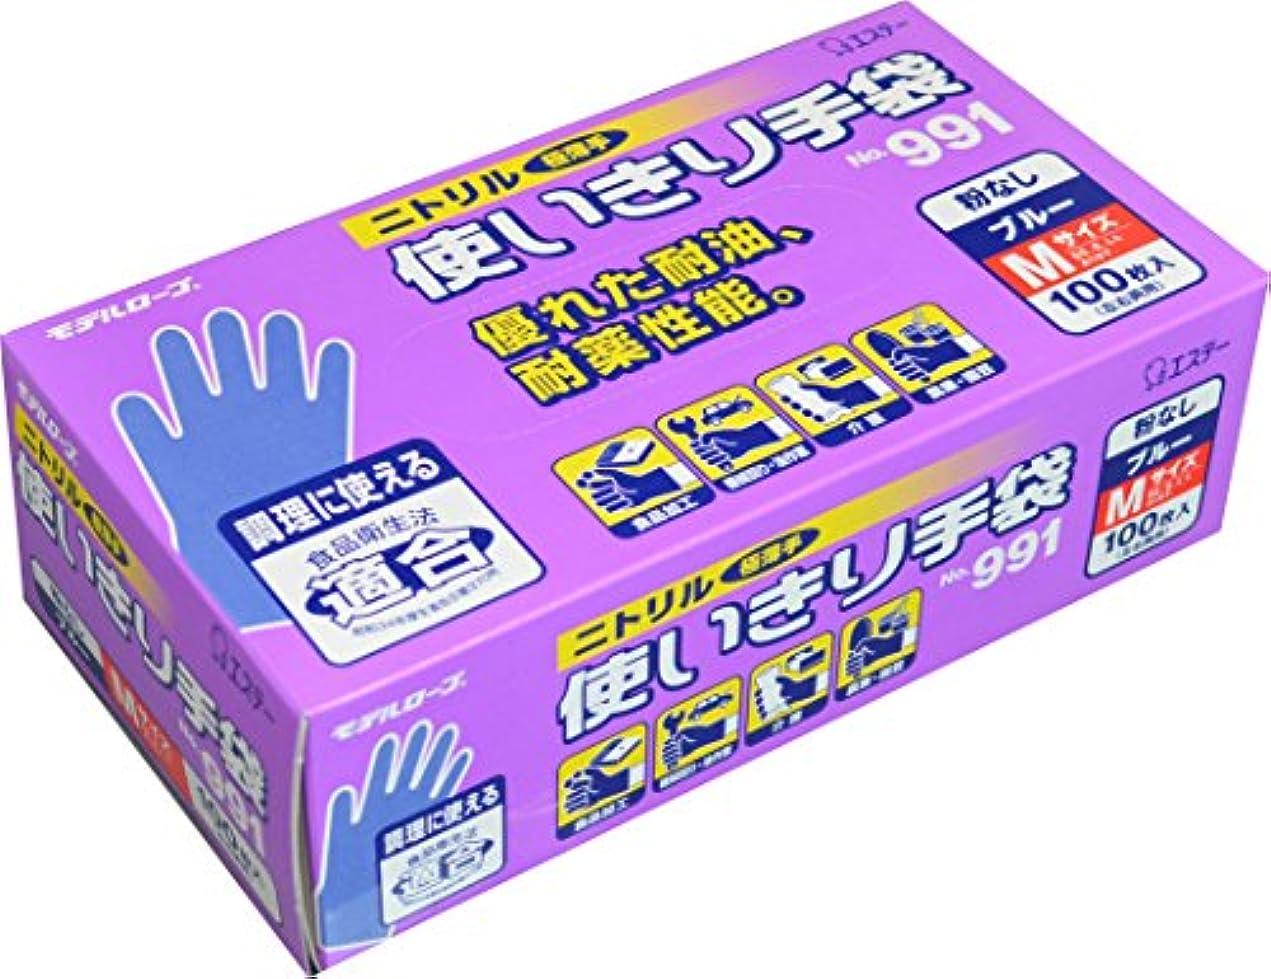 ローズメタンショッピングセンターモデルローブ NO991 ニトリル使い切り手袋 100枚 ブルー M